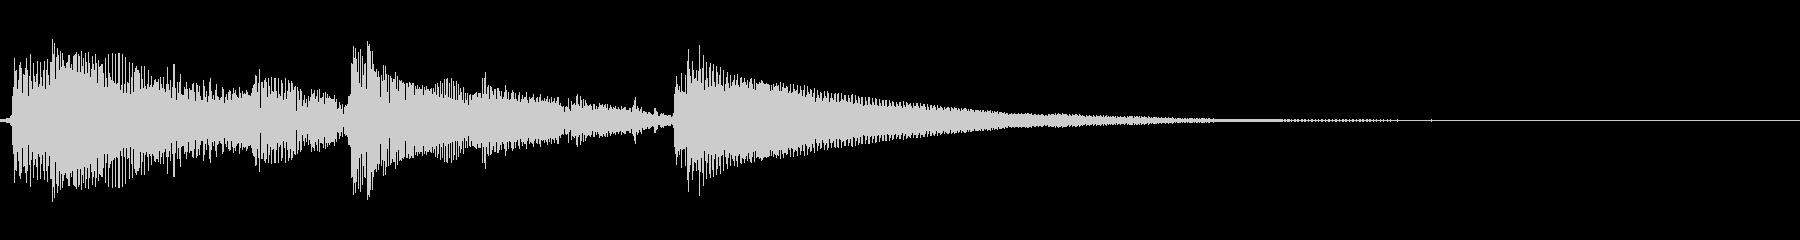 アコギ生音のジングル/爽やか2の未再生の波形